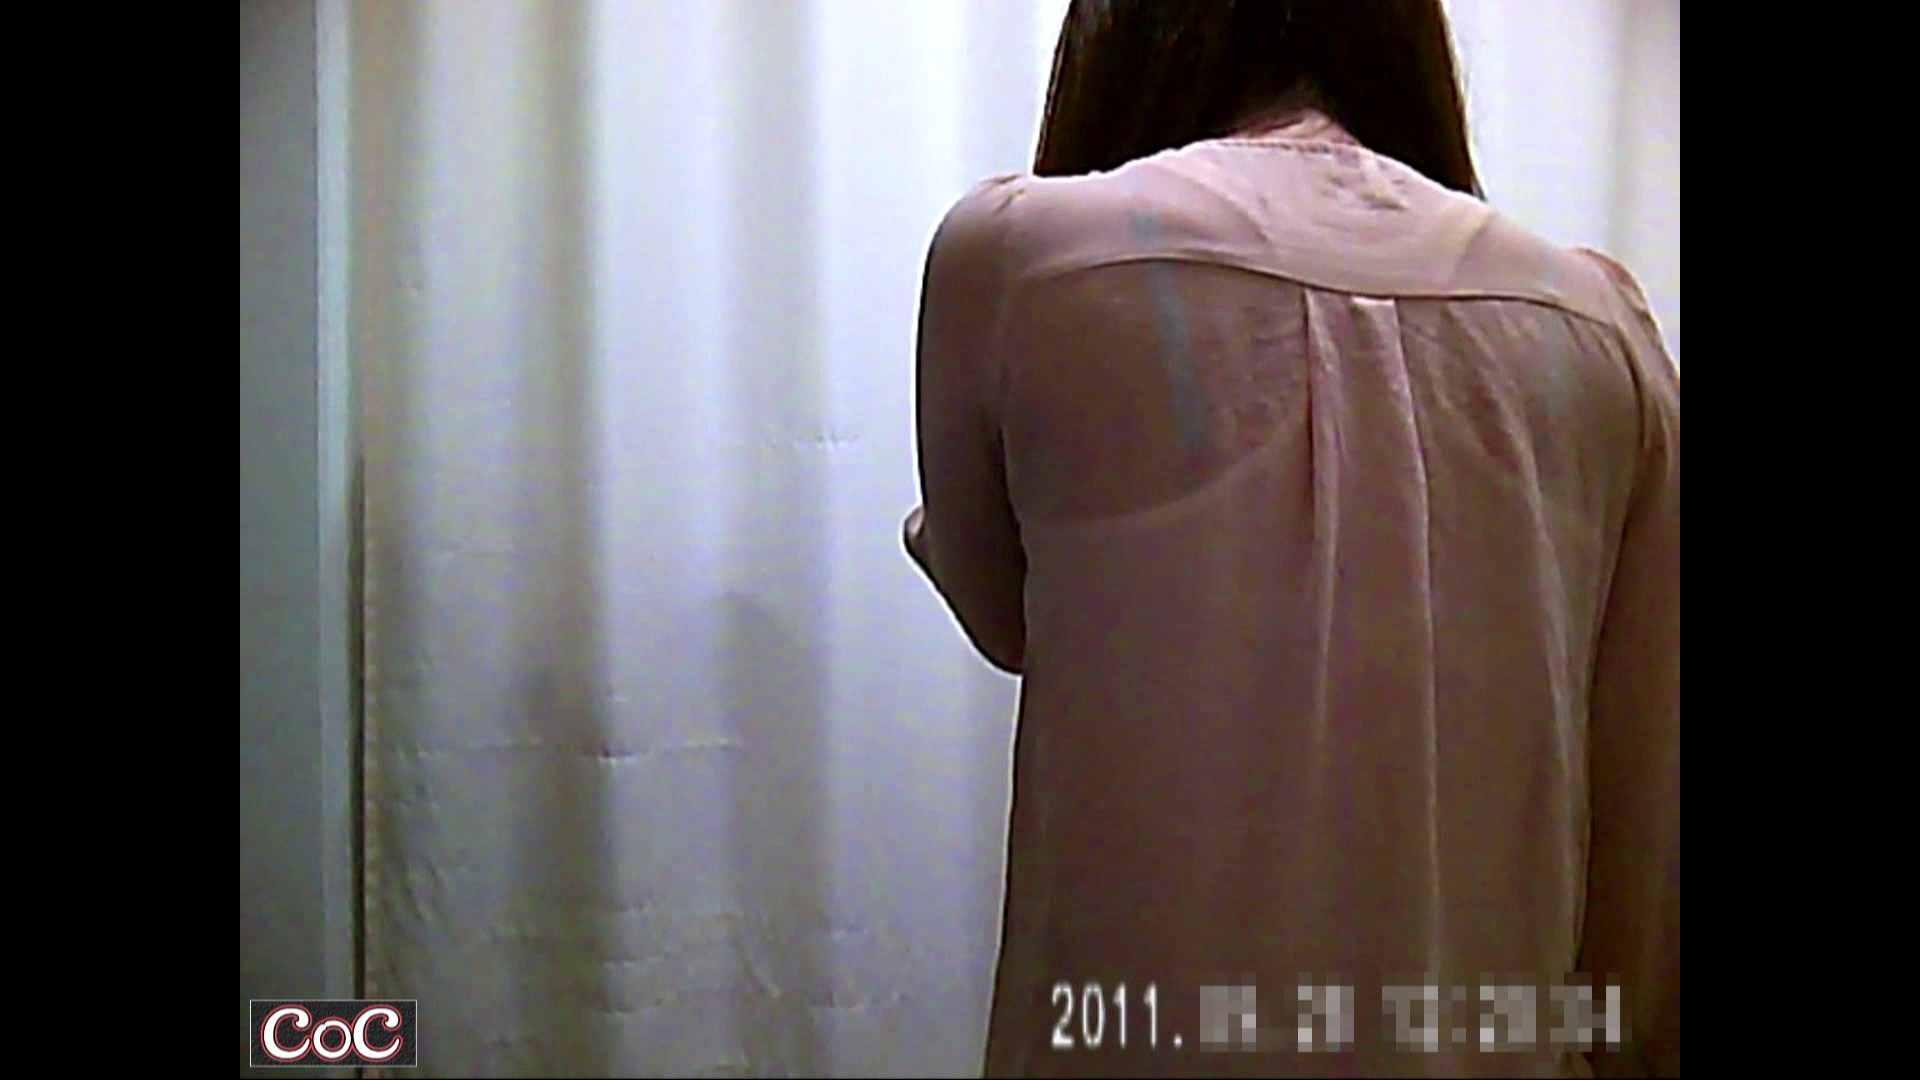 病院おもいっきり着替え! vol.41 巨乳 盗み撮りオマンコ動画キャプチャ 99画像 96